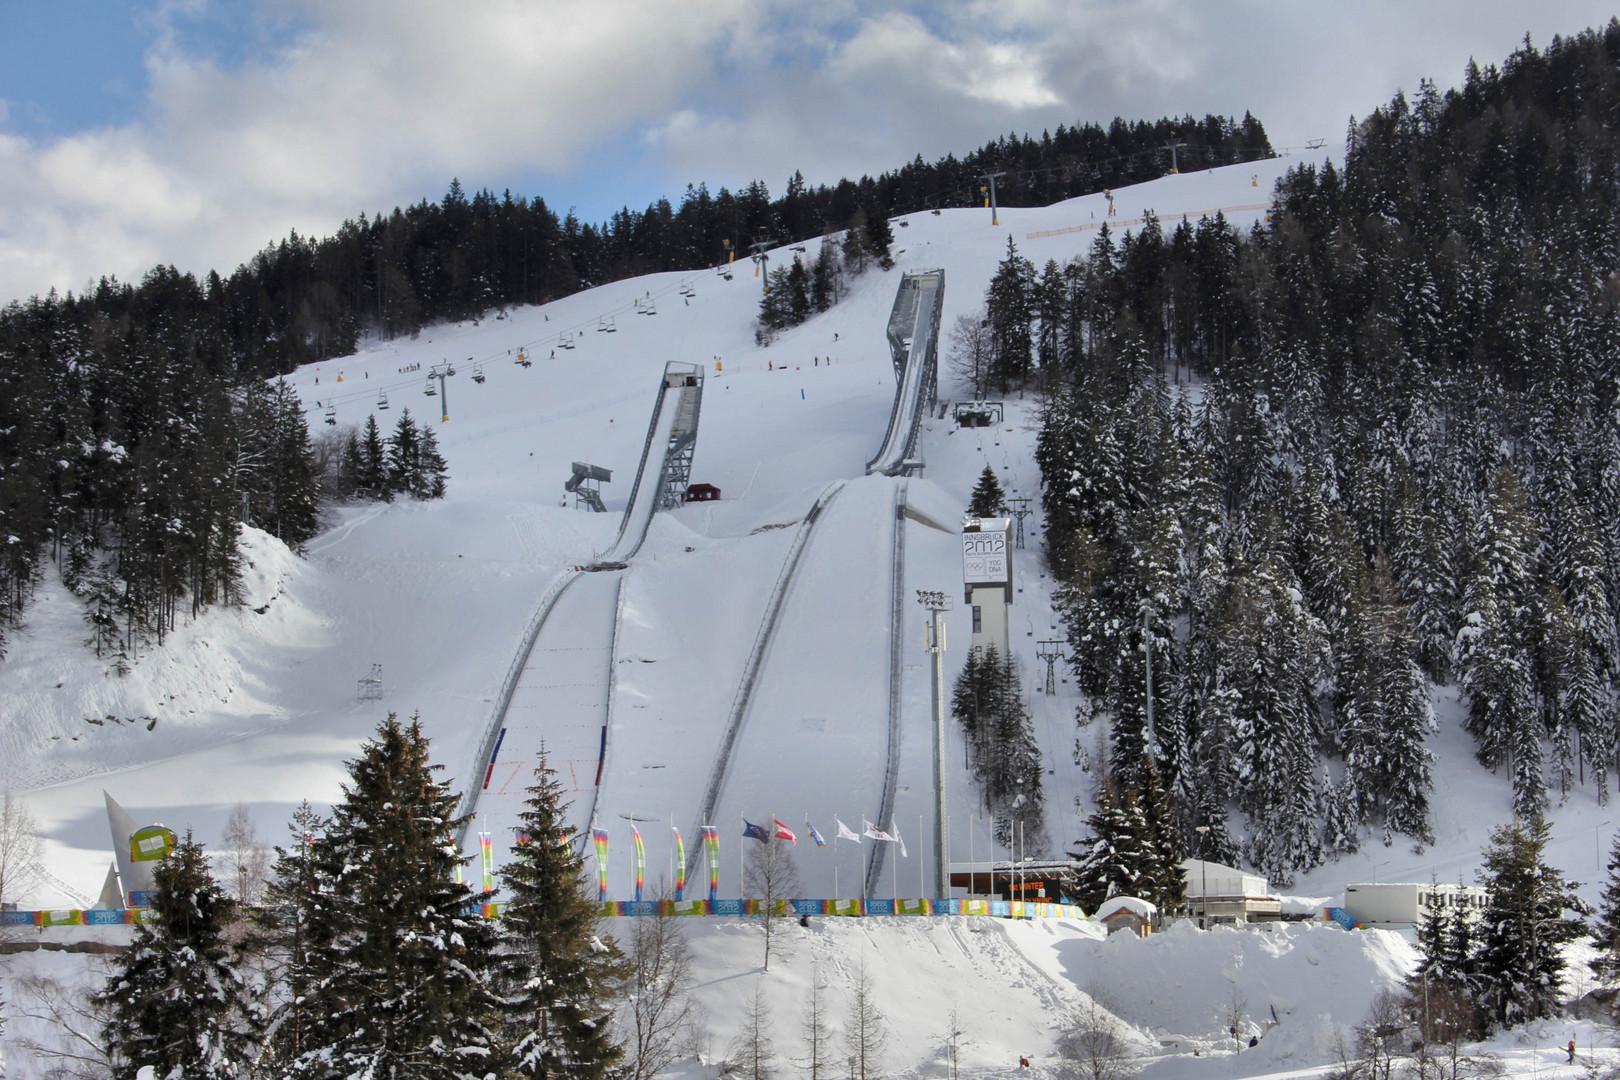 Sprungschanze in Seefeld